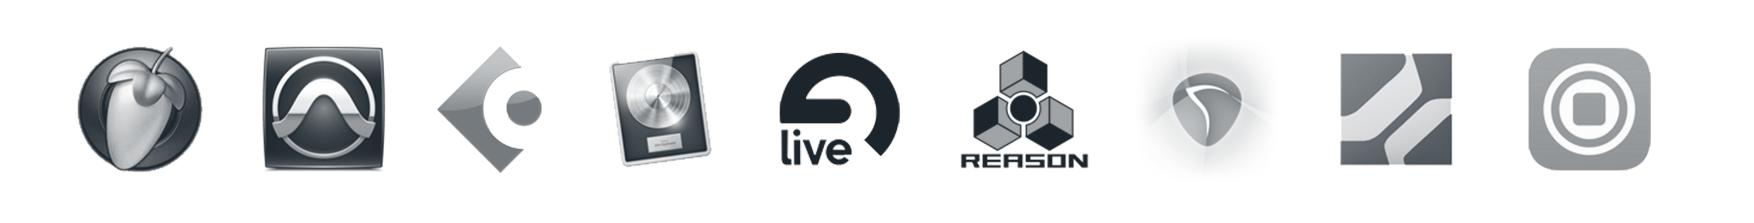 DAW Logos